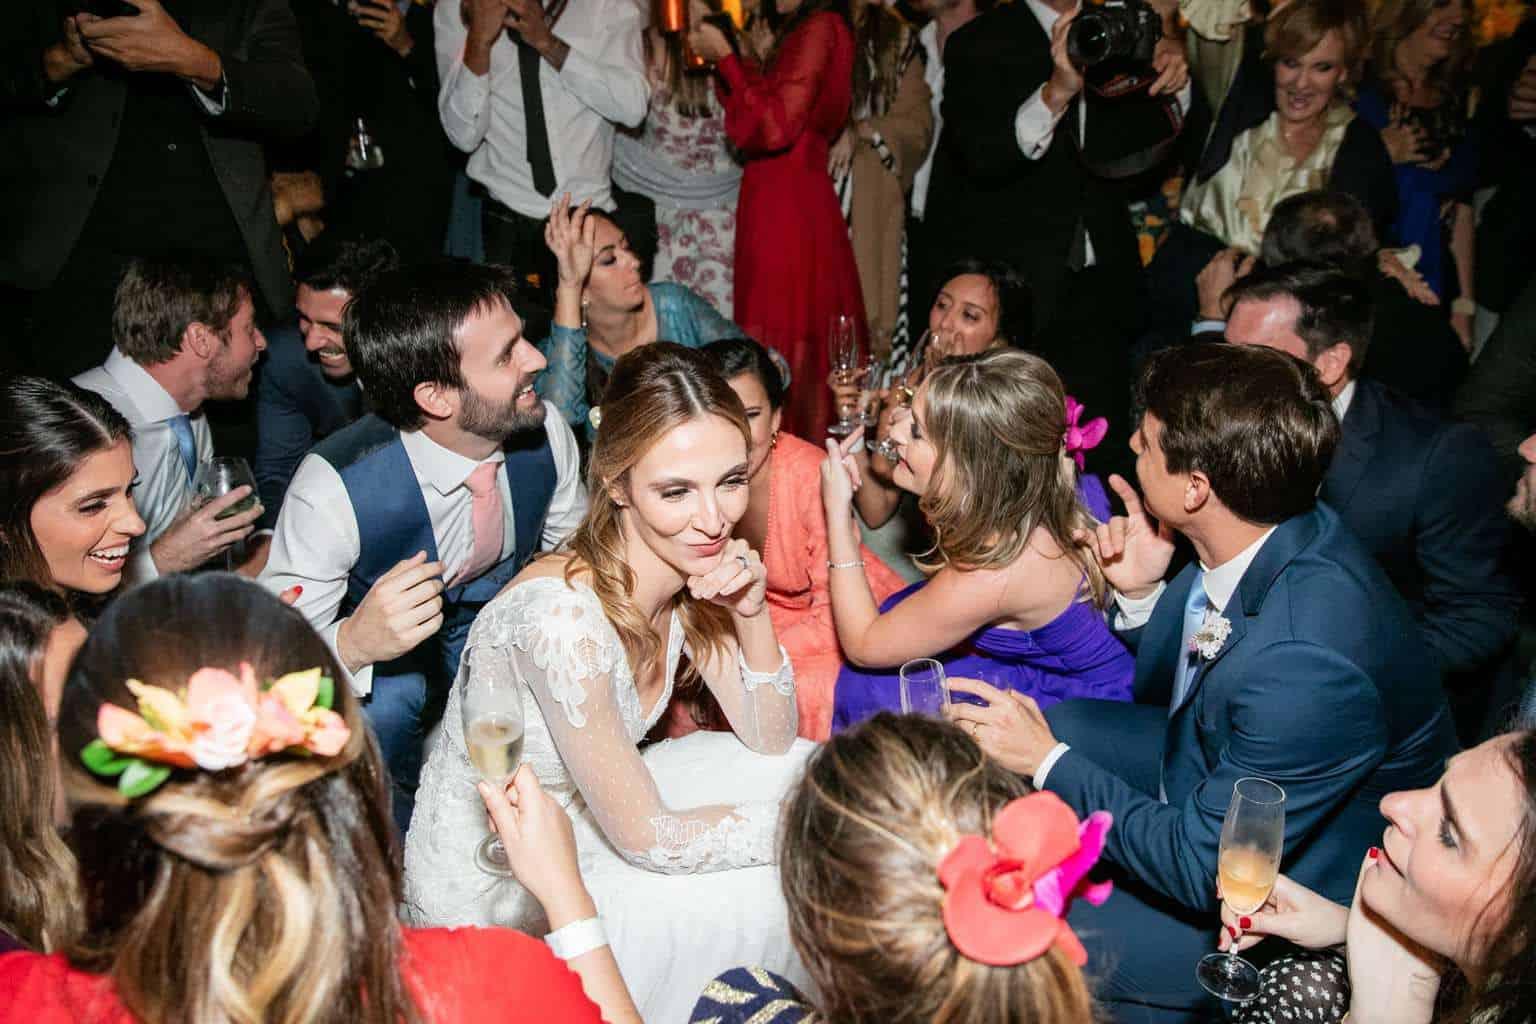 casamento-Camila-e-Diogo-casamento-na-fazenda-casamento-na-serra-casamento-romântico-destination-wedding-Fazenda-Santo-Antonio-festa-Fotografia-Rodrigo-Sack-84